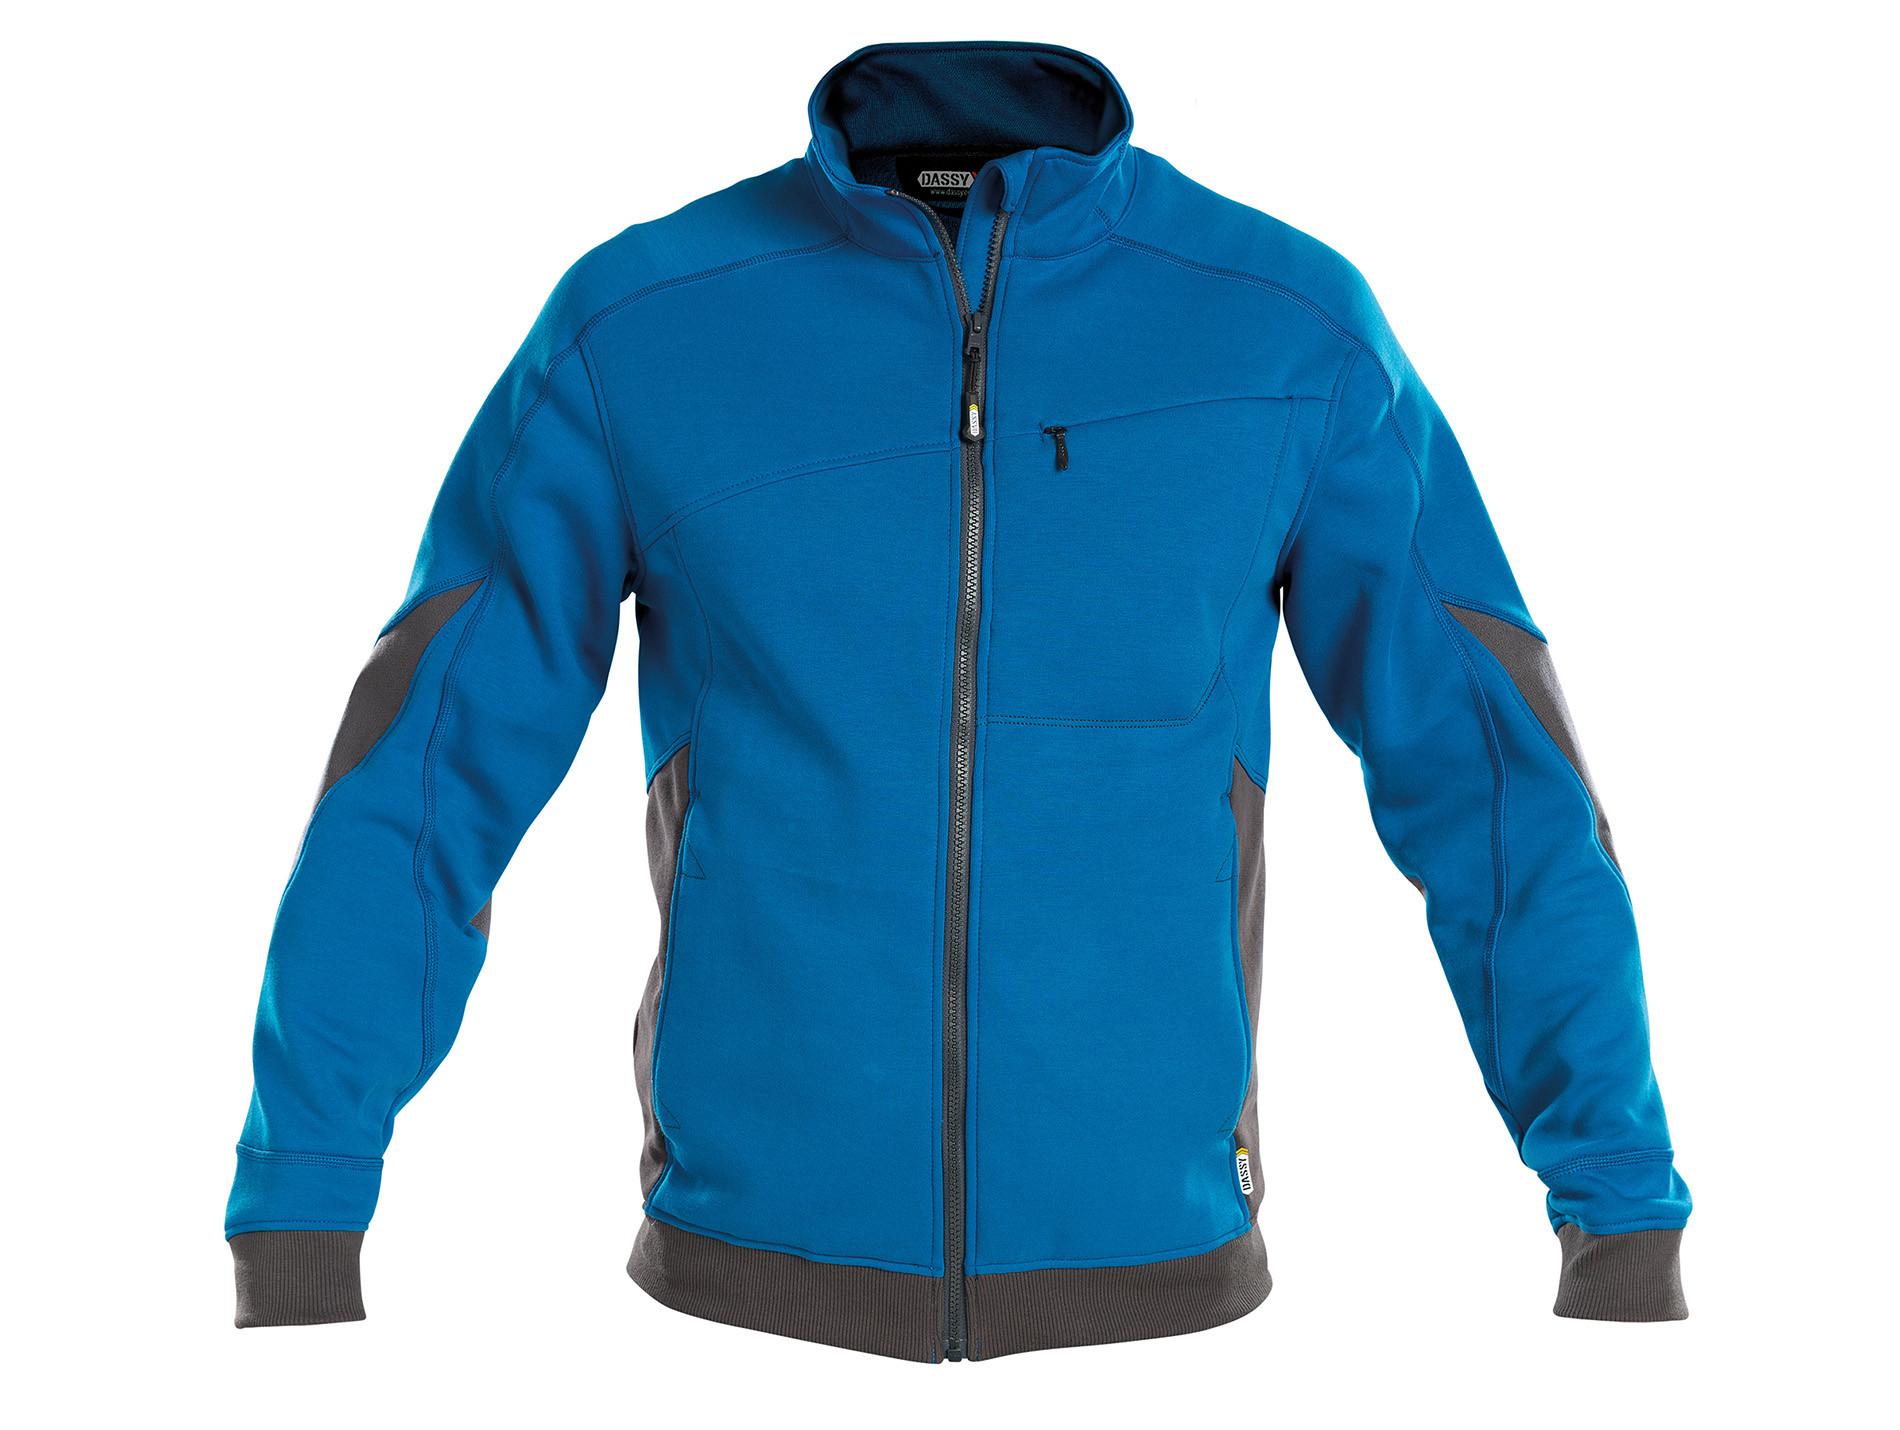 Sweat-shirt  DASSY® Velox Bleu/gris